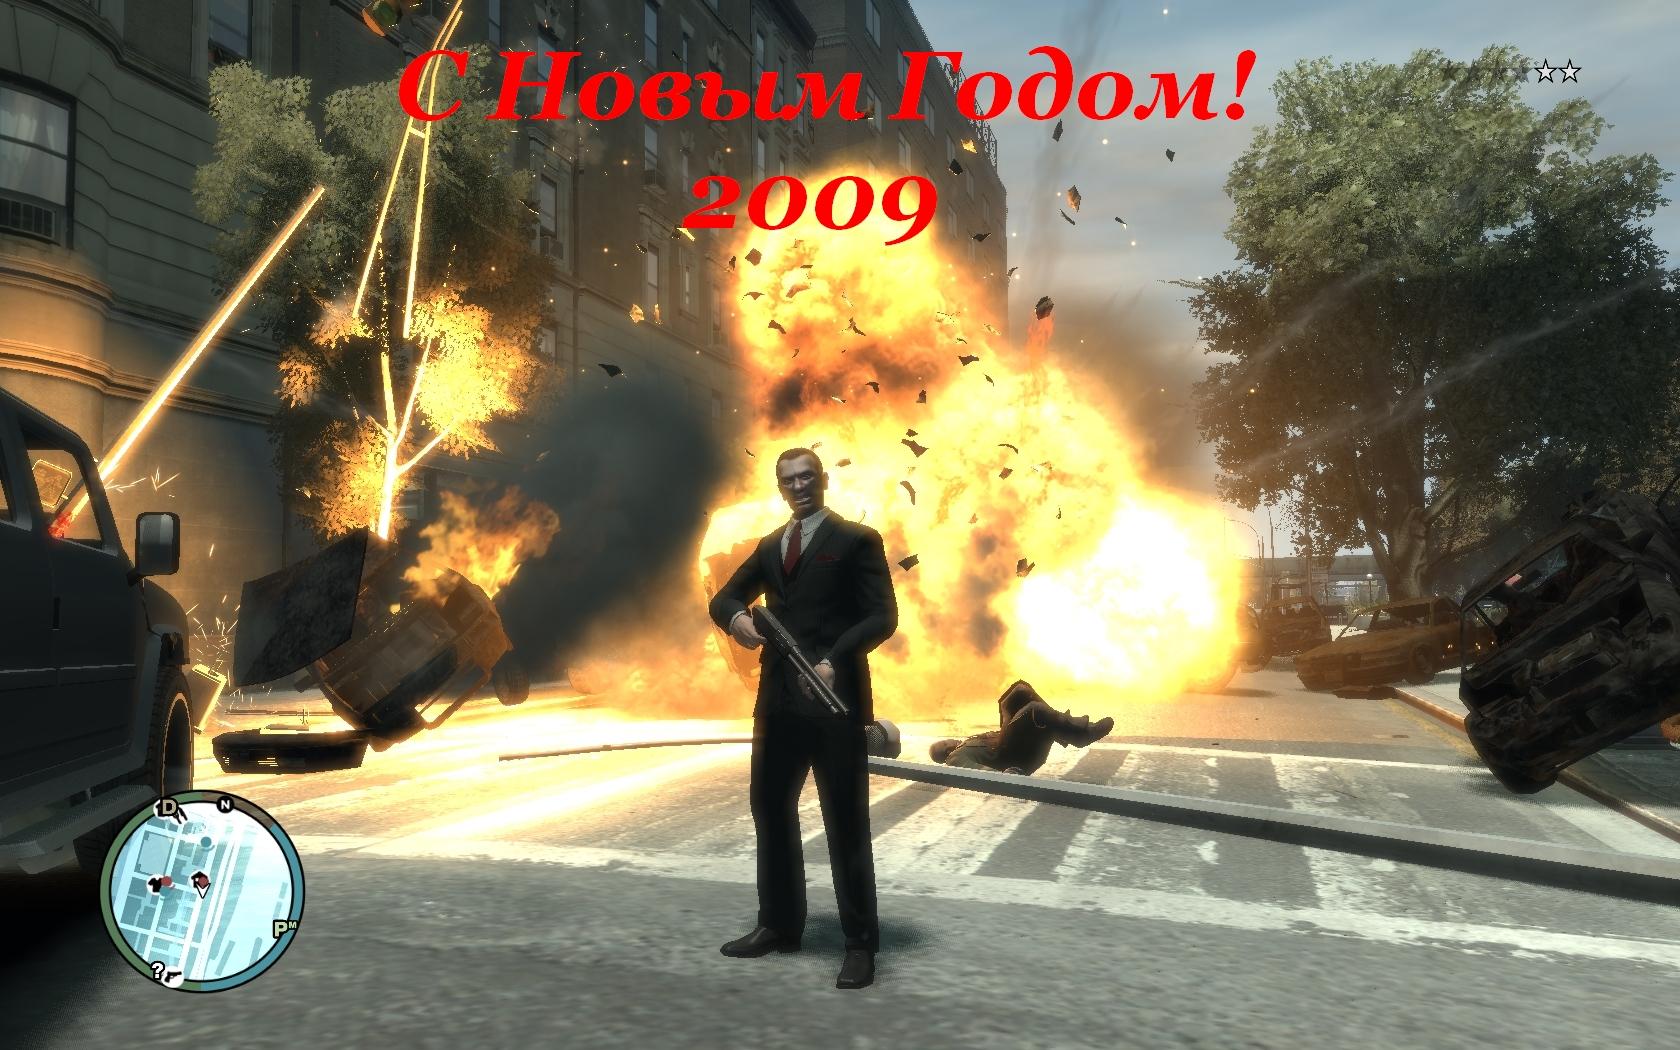 GTA 4 - С Новым Годом! 2009!